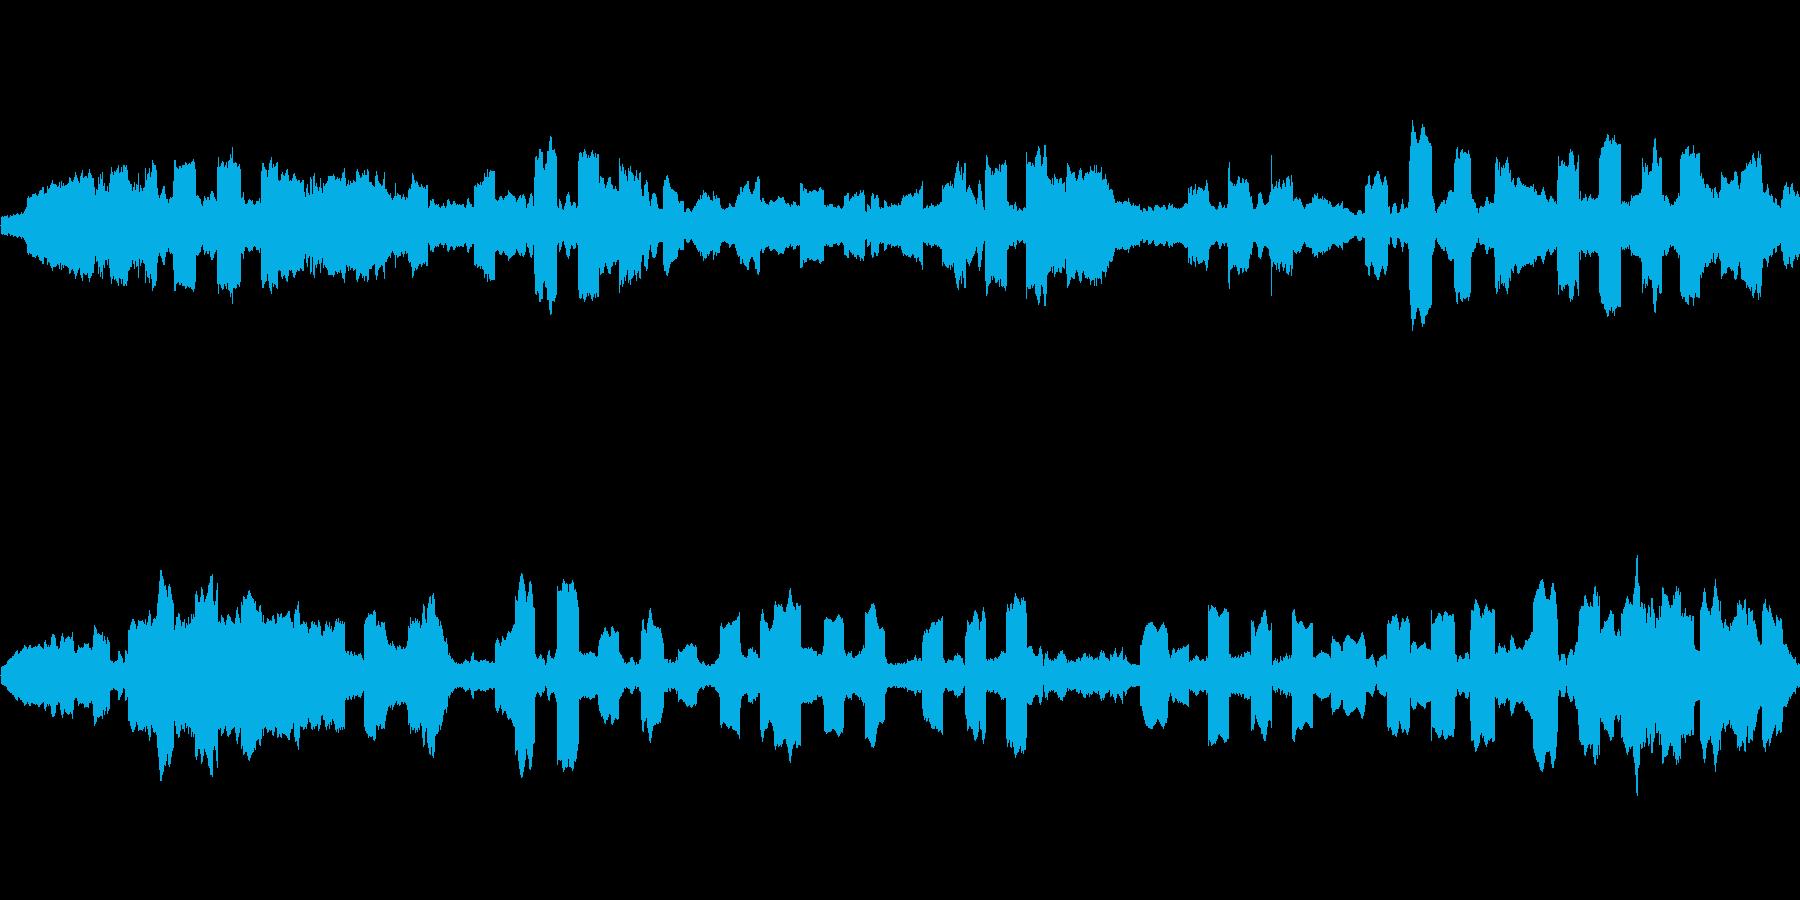 ピーピコピコピー… (宇宙空間のSE)の再生済みの波形